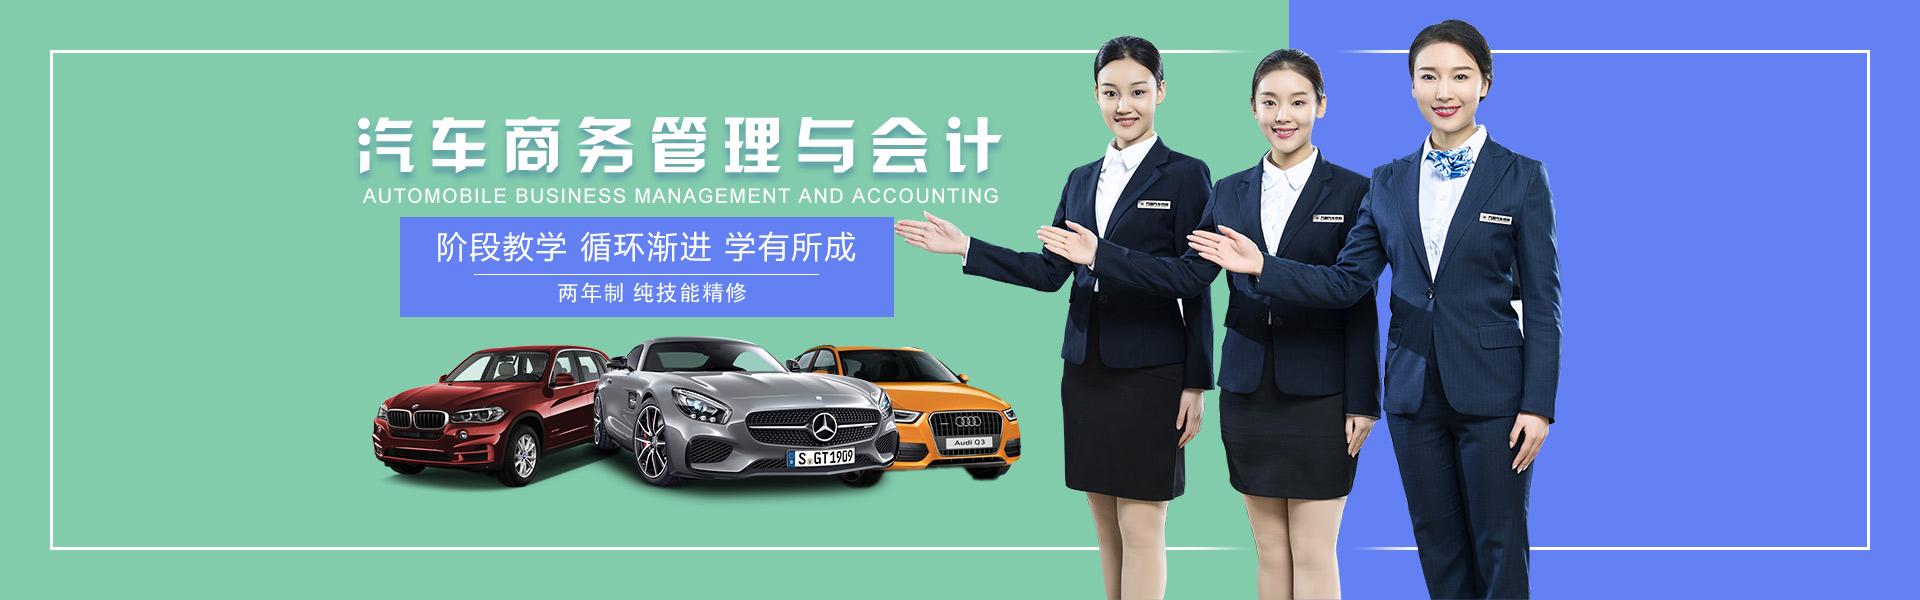 女生专业   汽车商务管理与会计专业